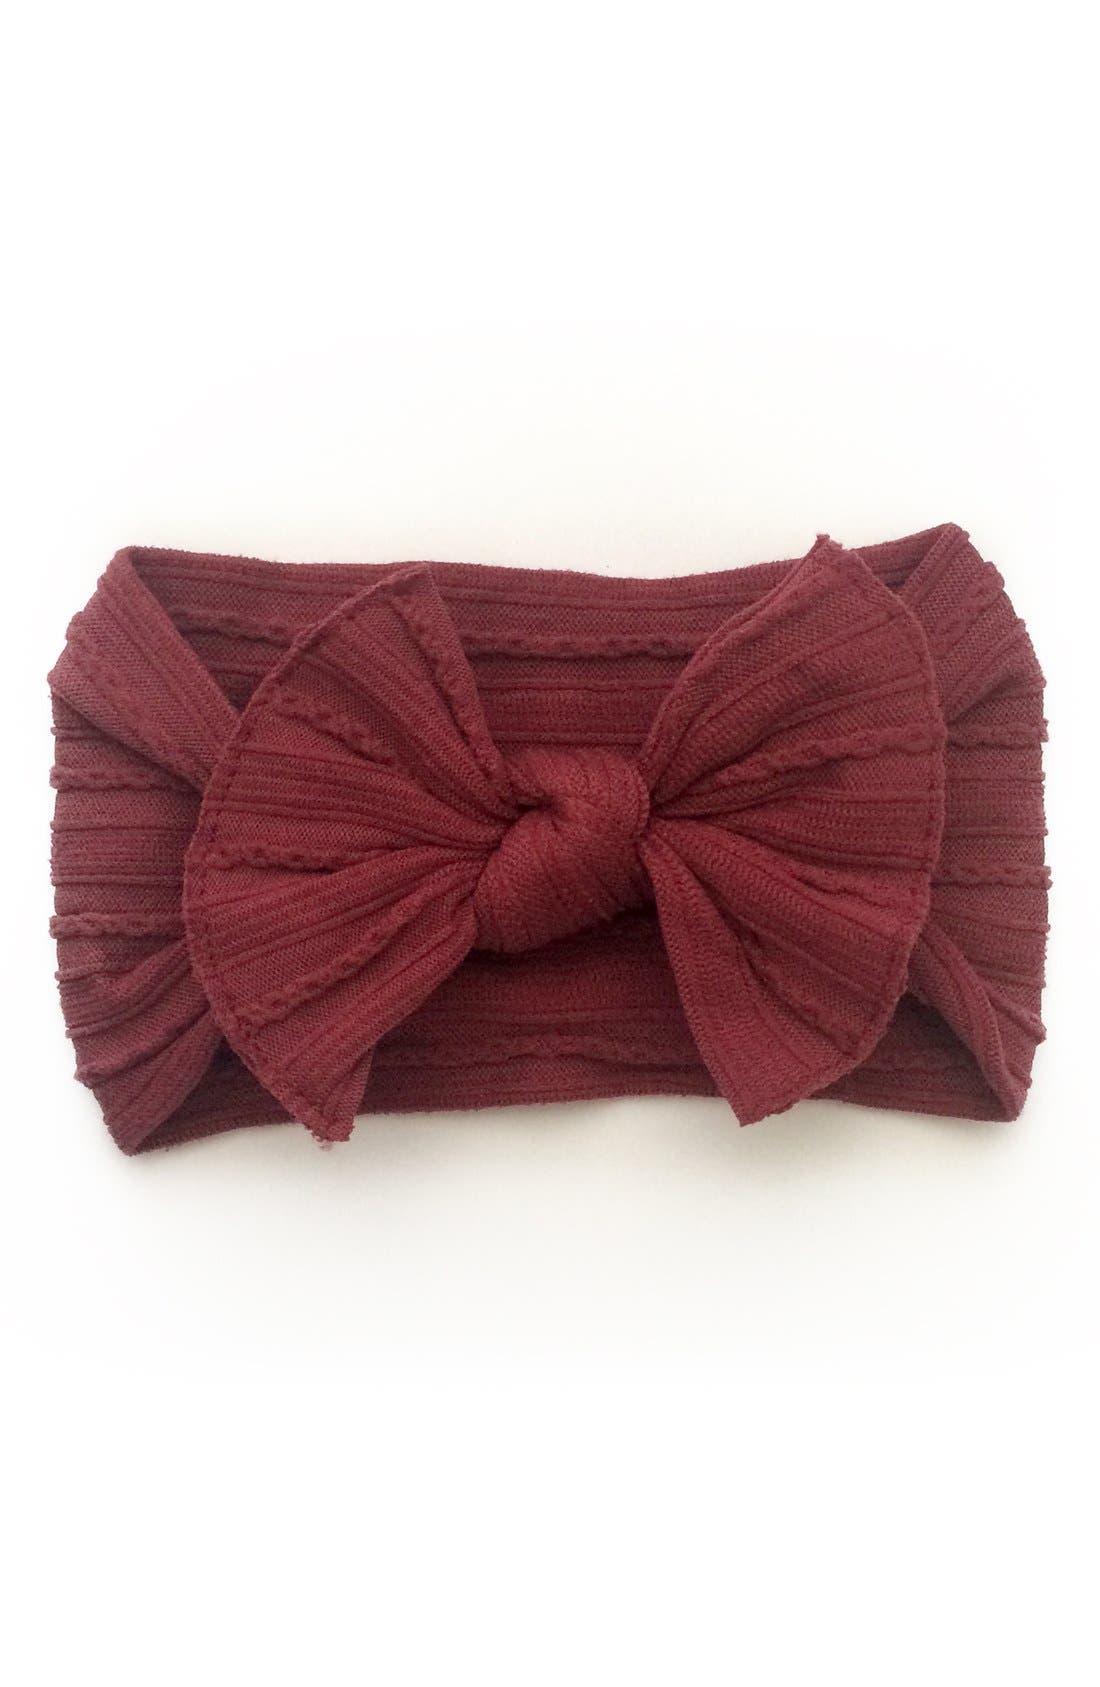 Bow Headband,                         Main,                         color, Burgundy